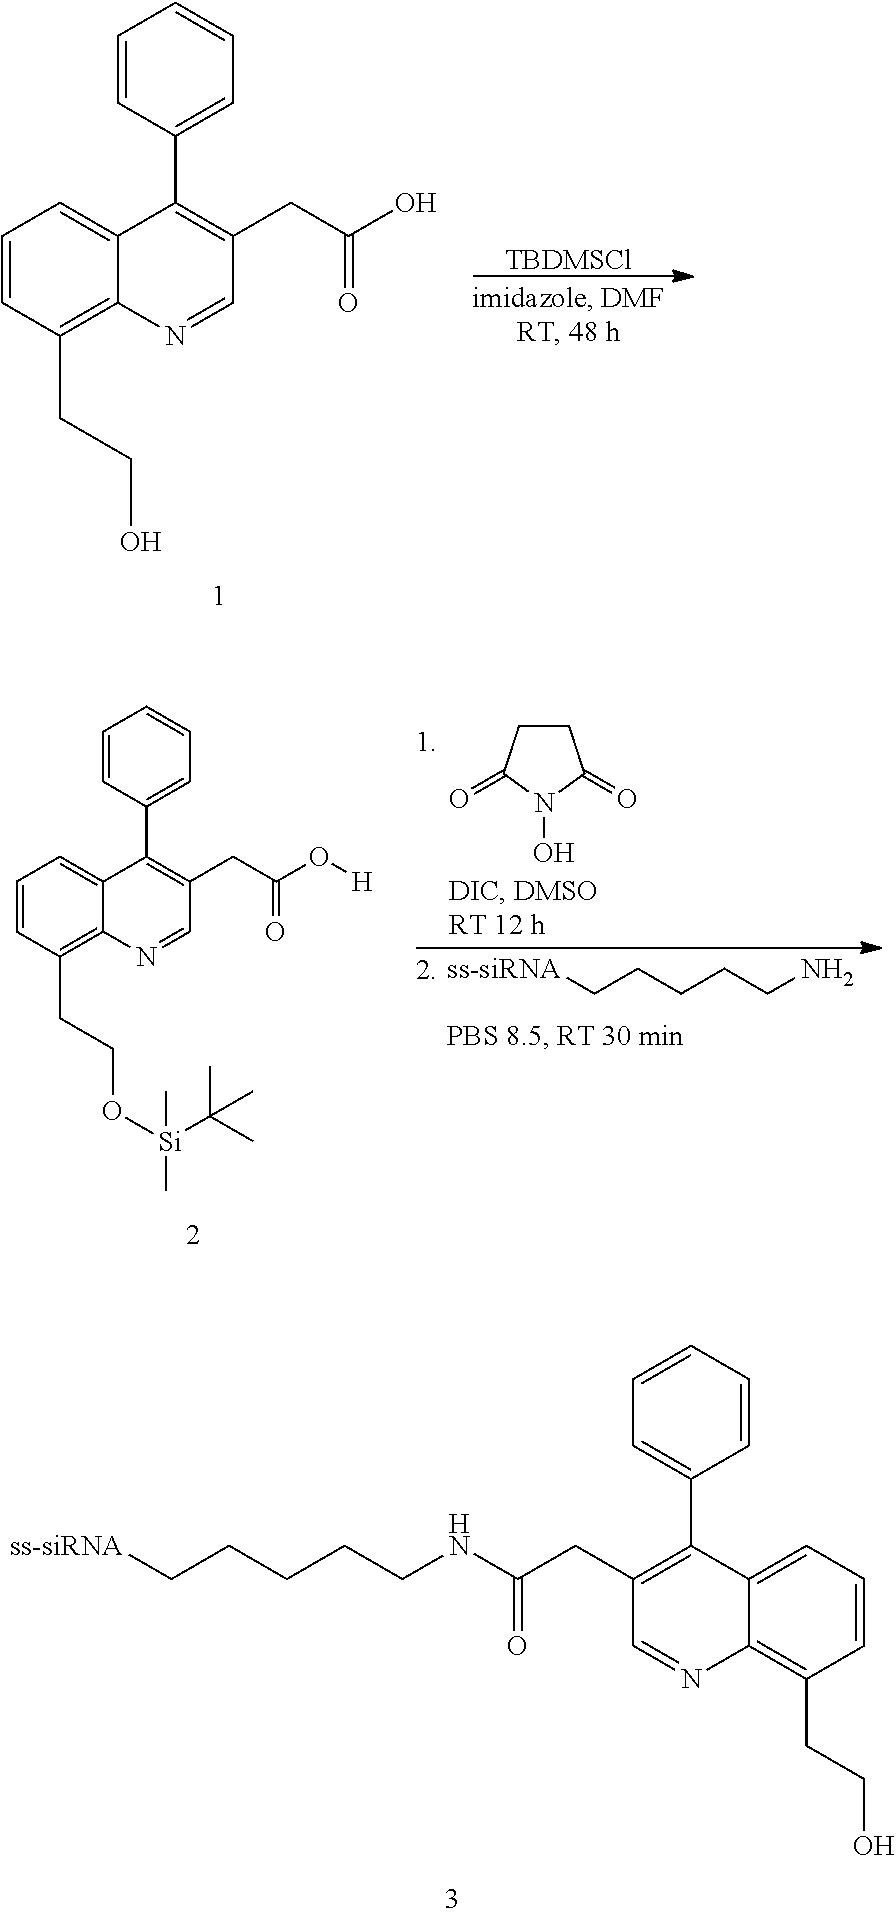 Figure US09988627-20180605-C00392